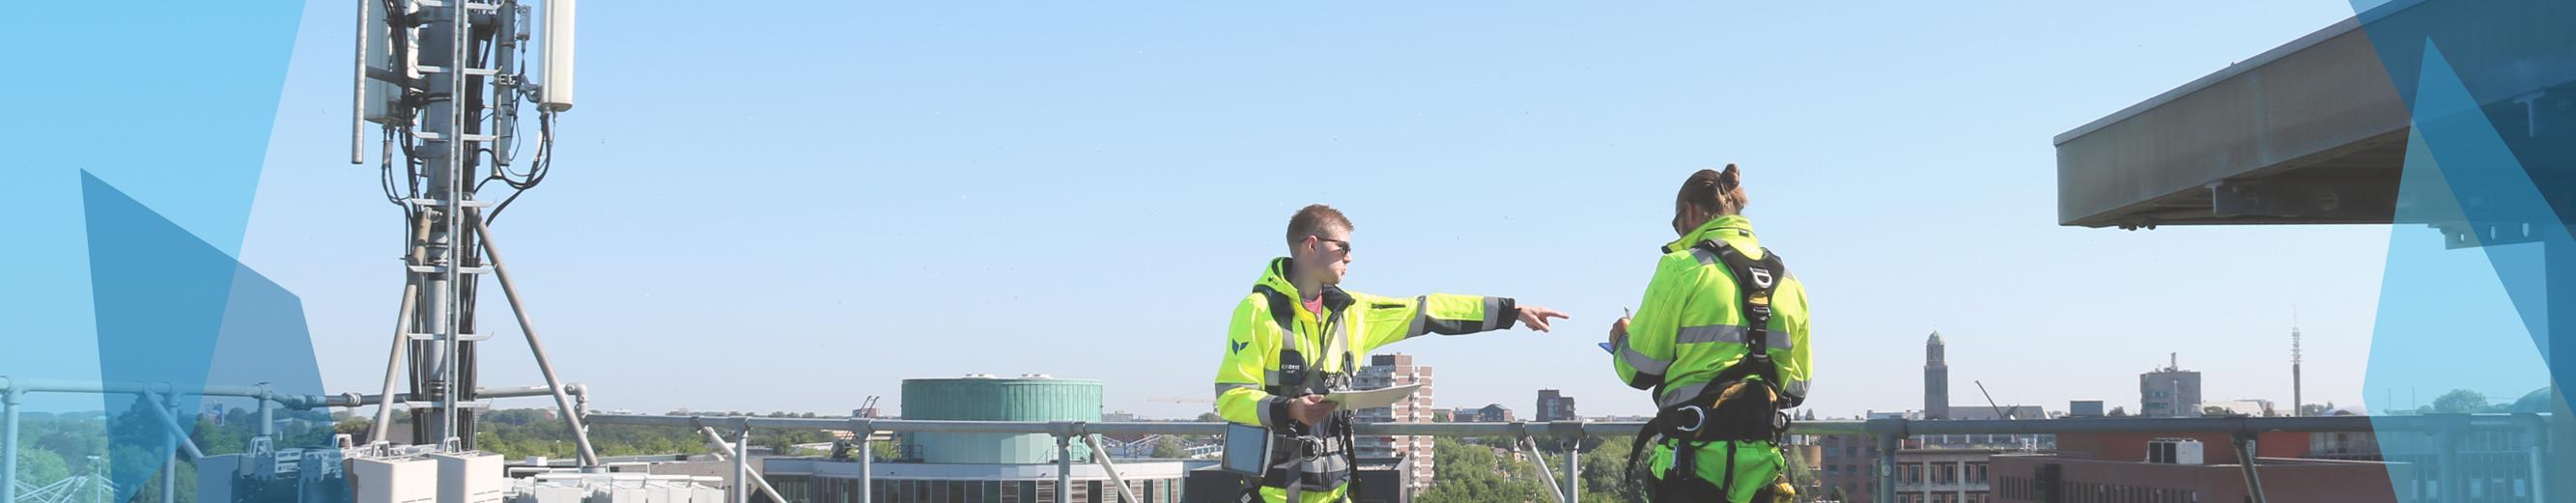 Integrale-veiligheid-Veilig-werken-met-valbeveiliging-Vlindar